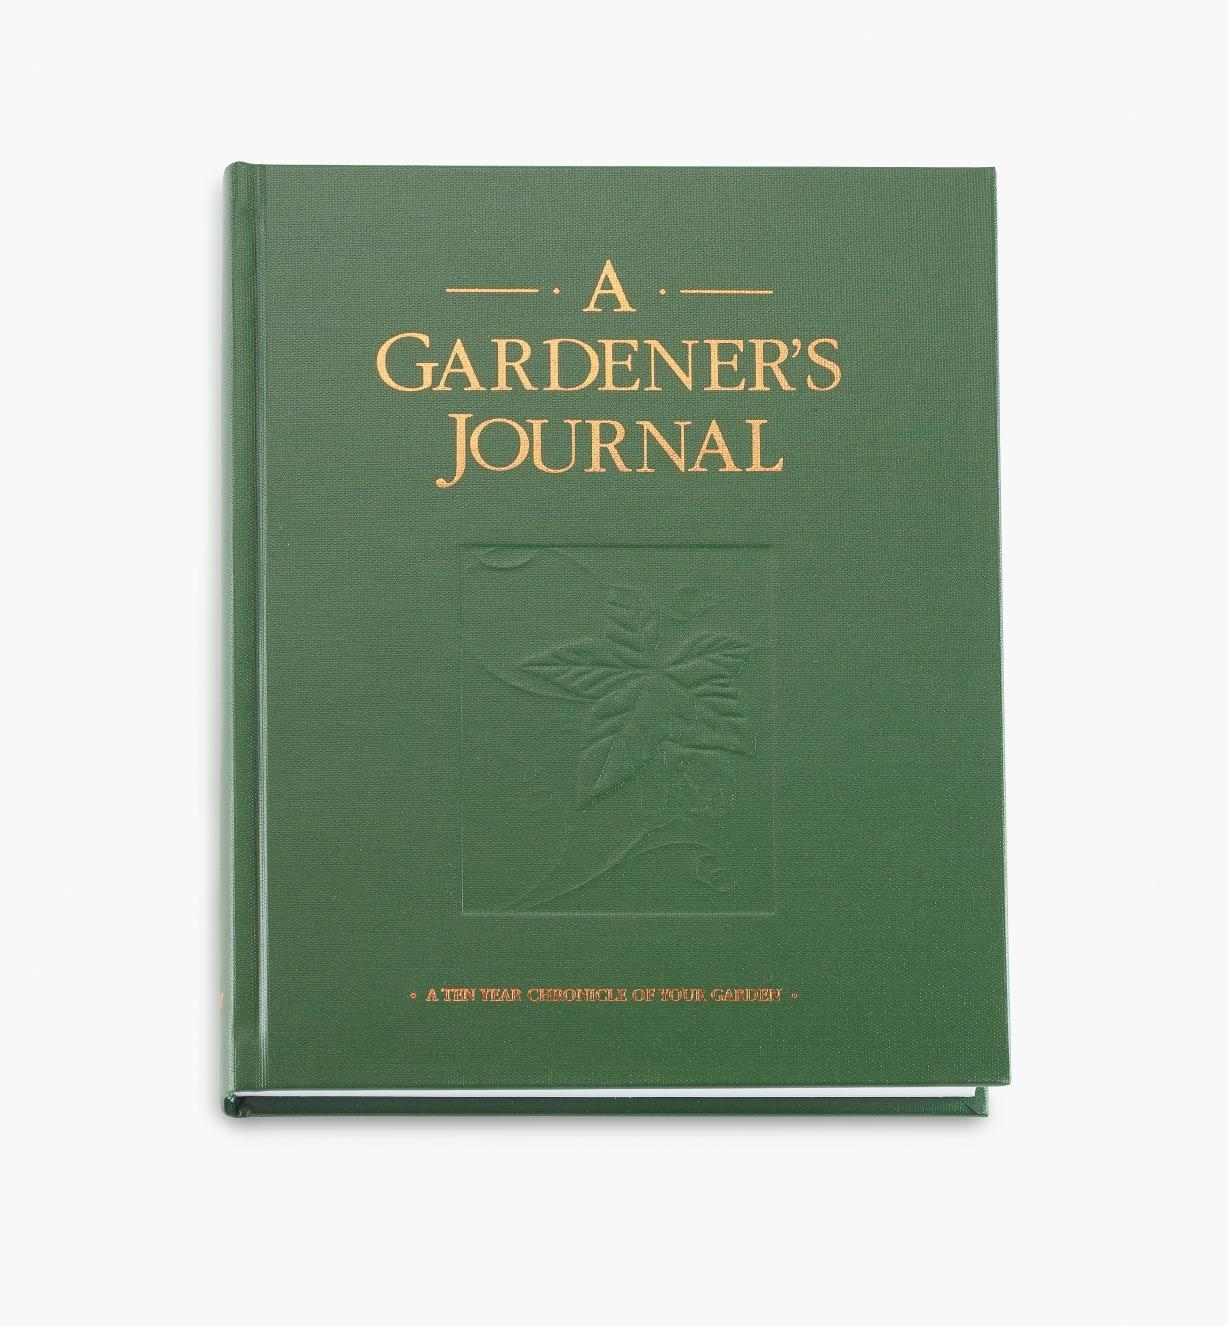 LA205 - A Gardener's Journal